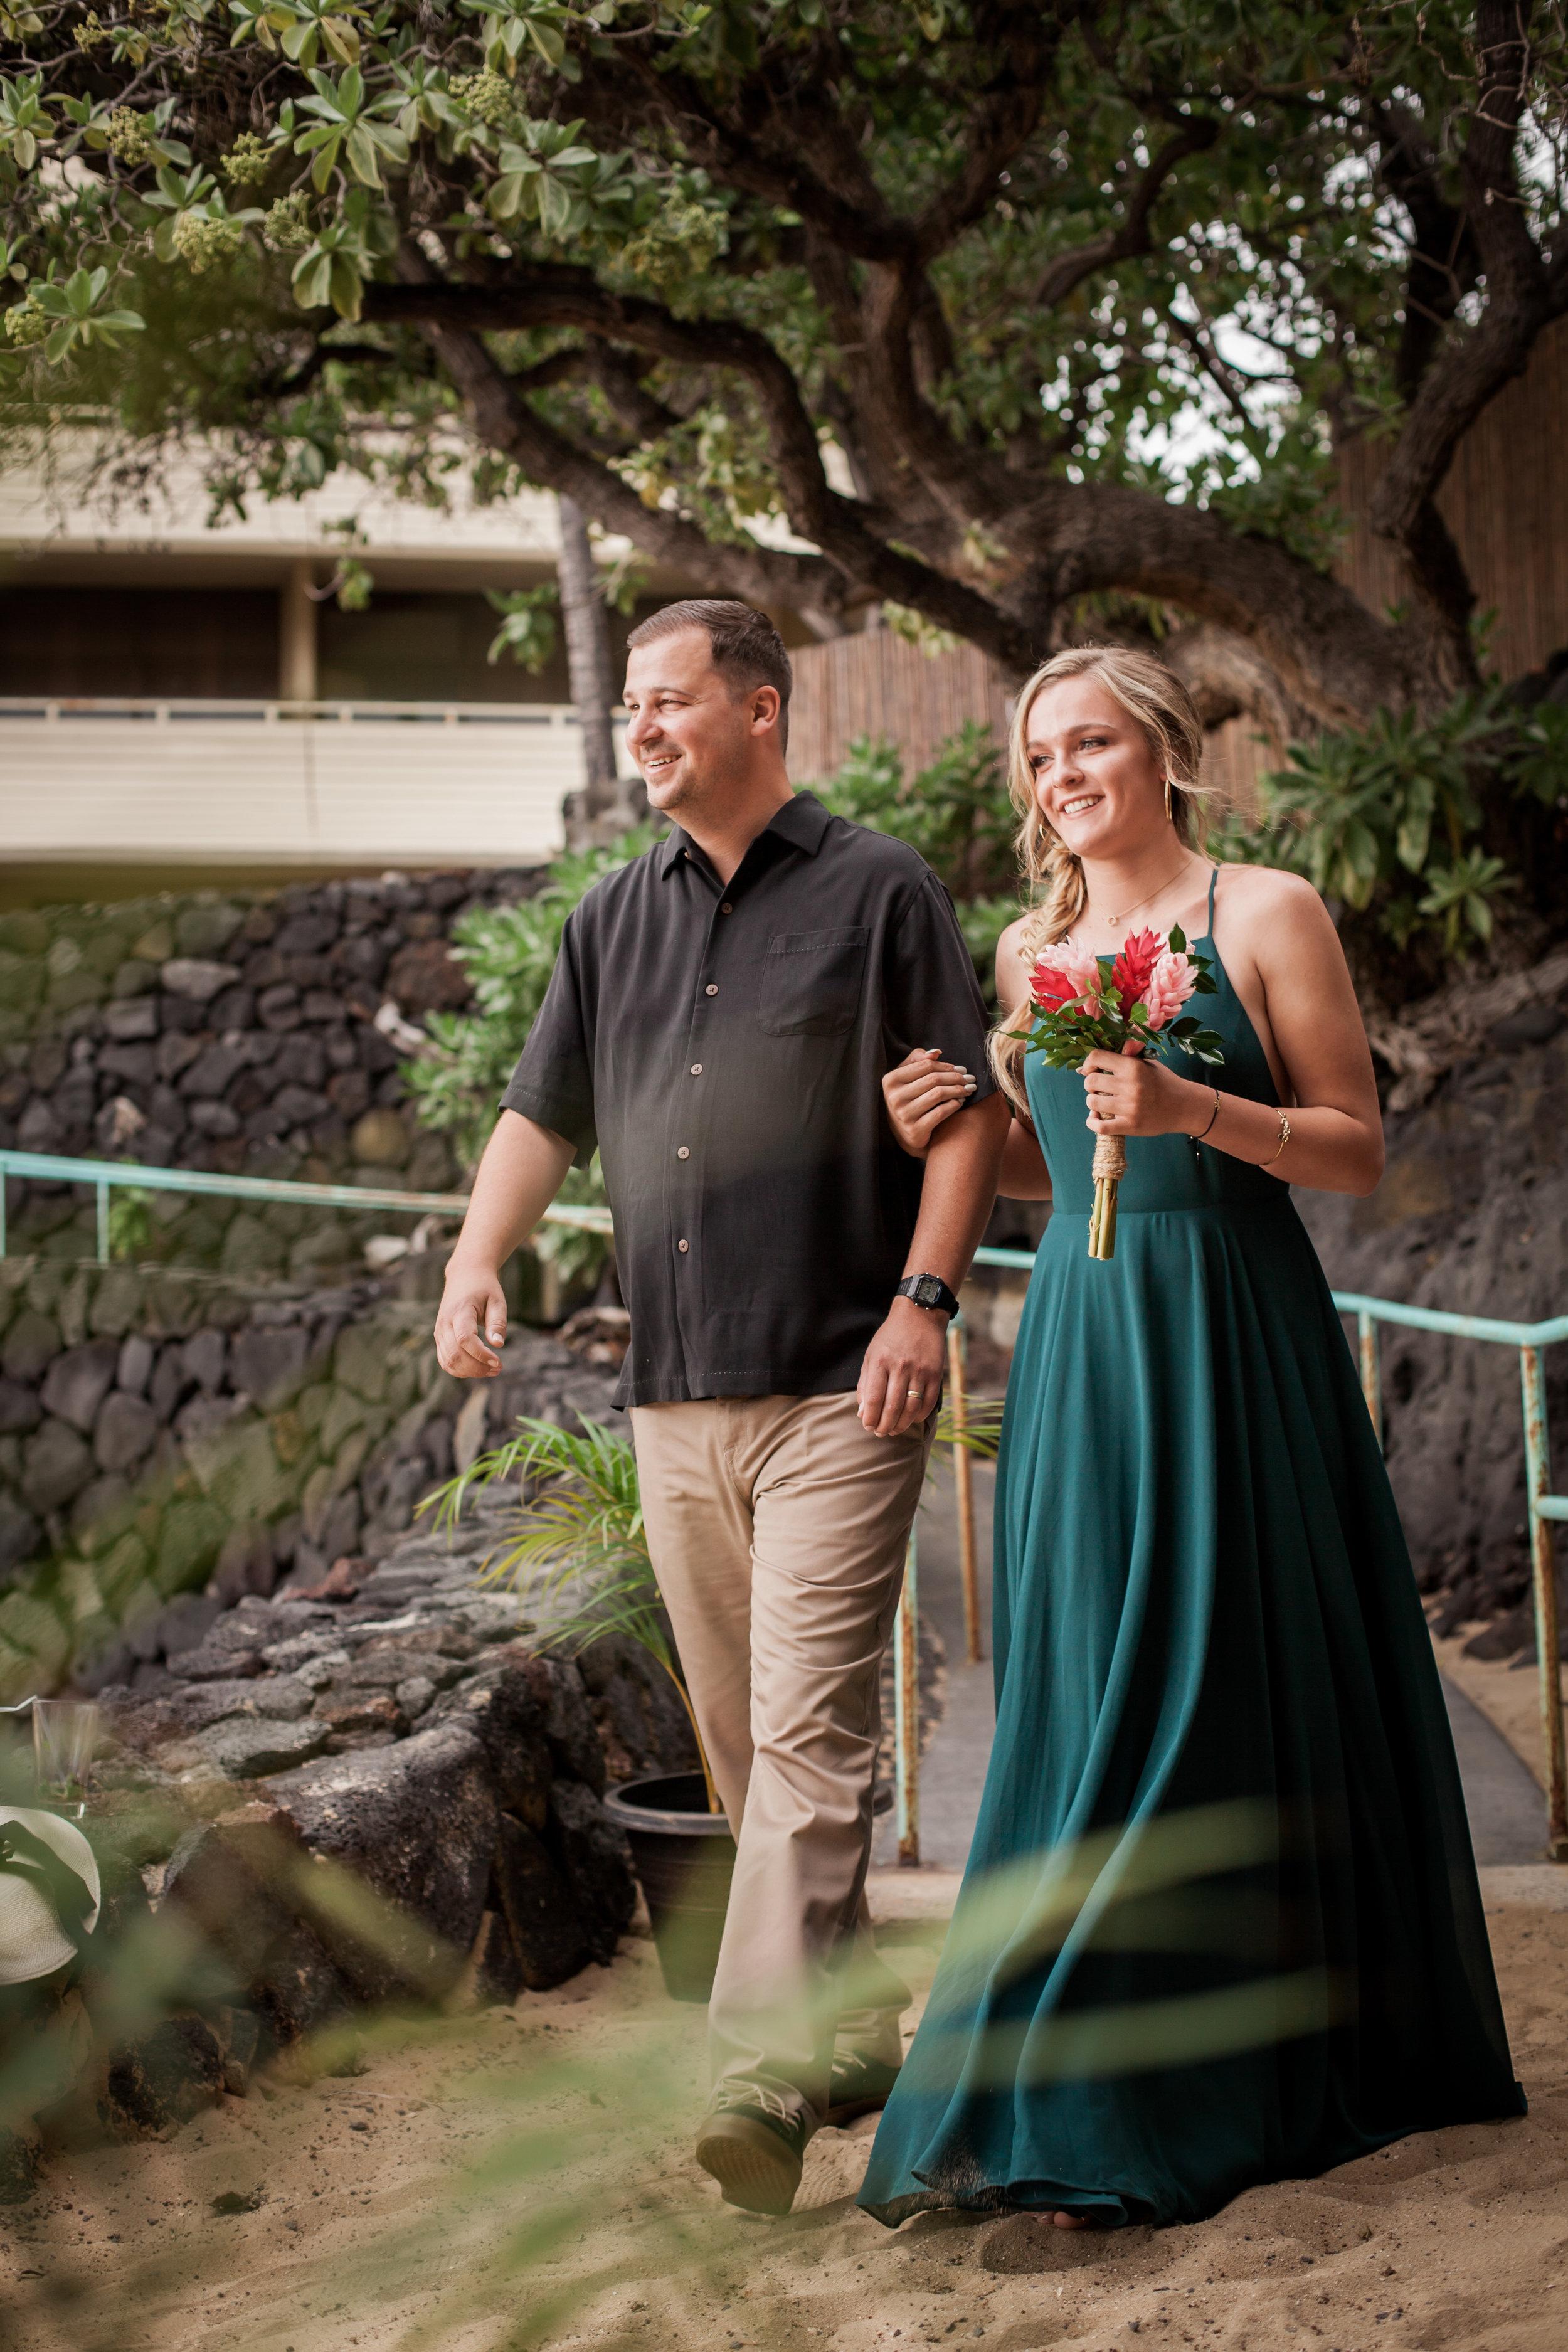 big island hawaii royal kona resort beach wedding © kelilina photography 20170520164857.jpg